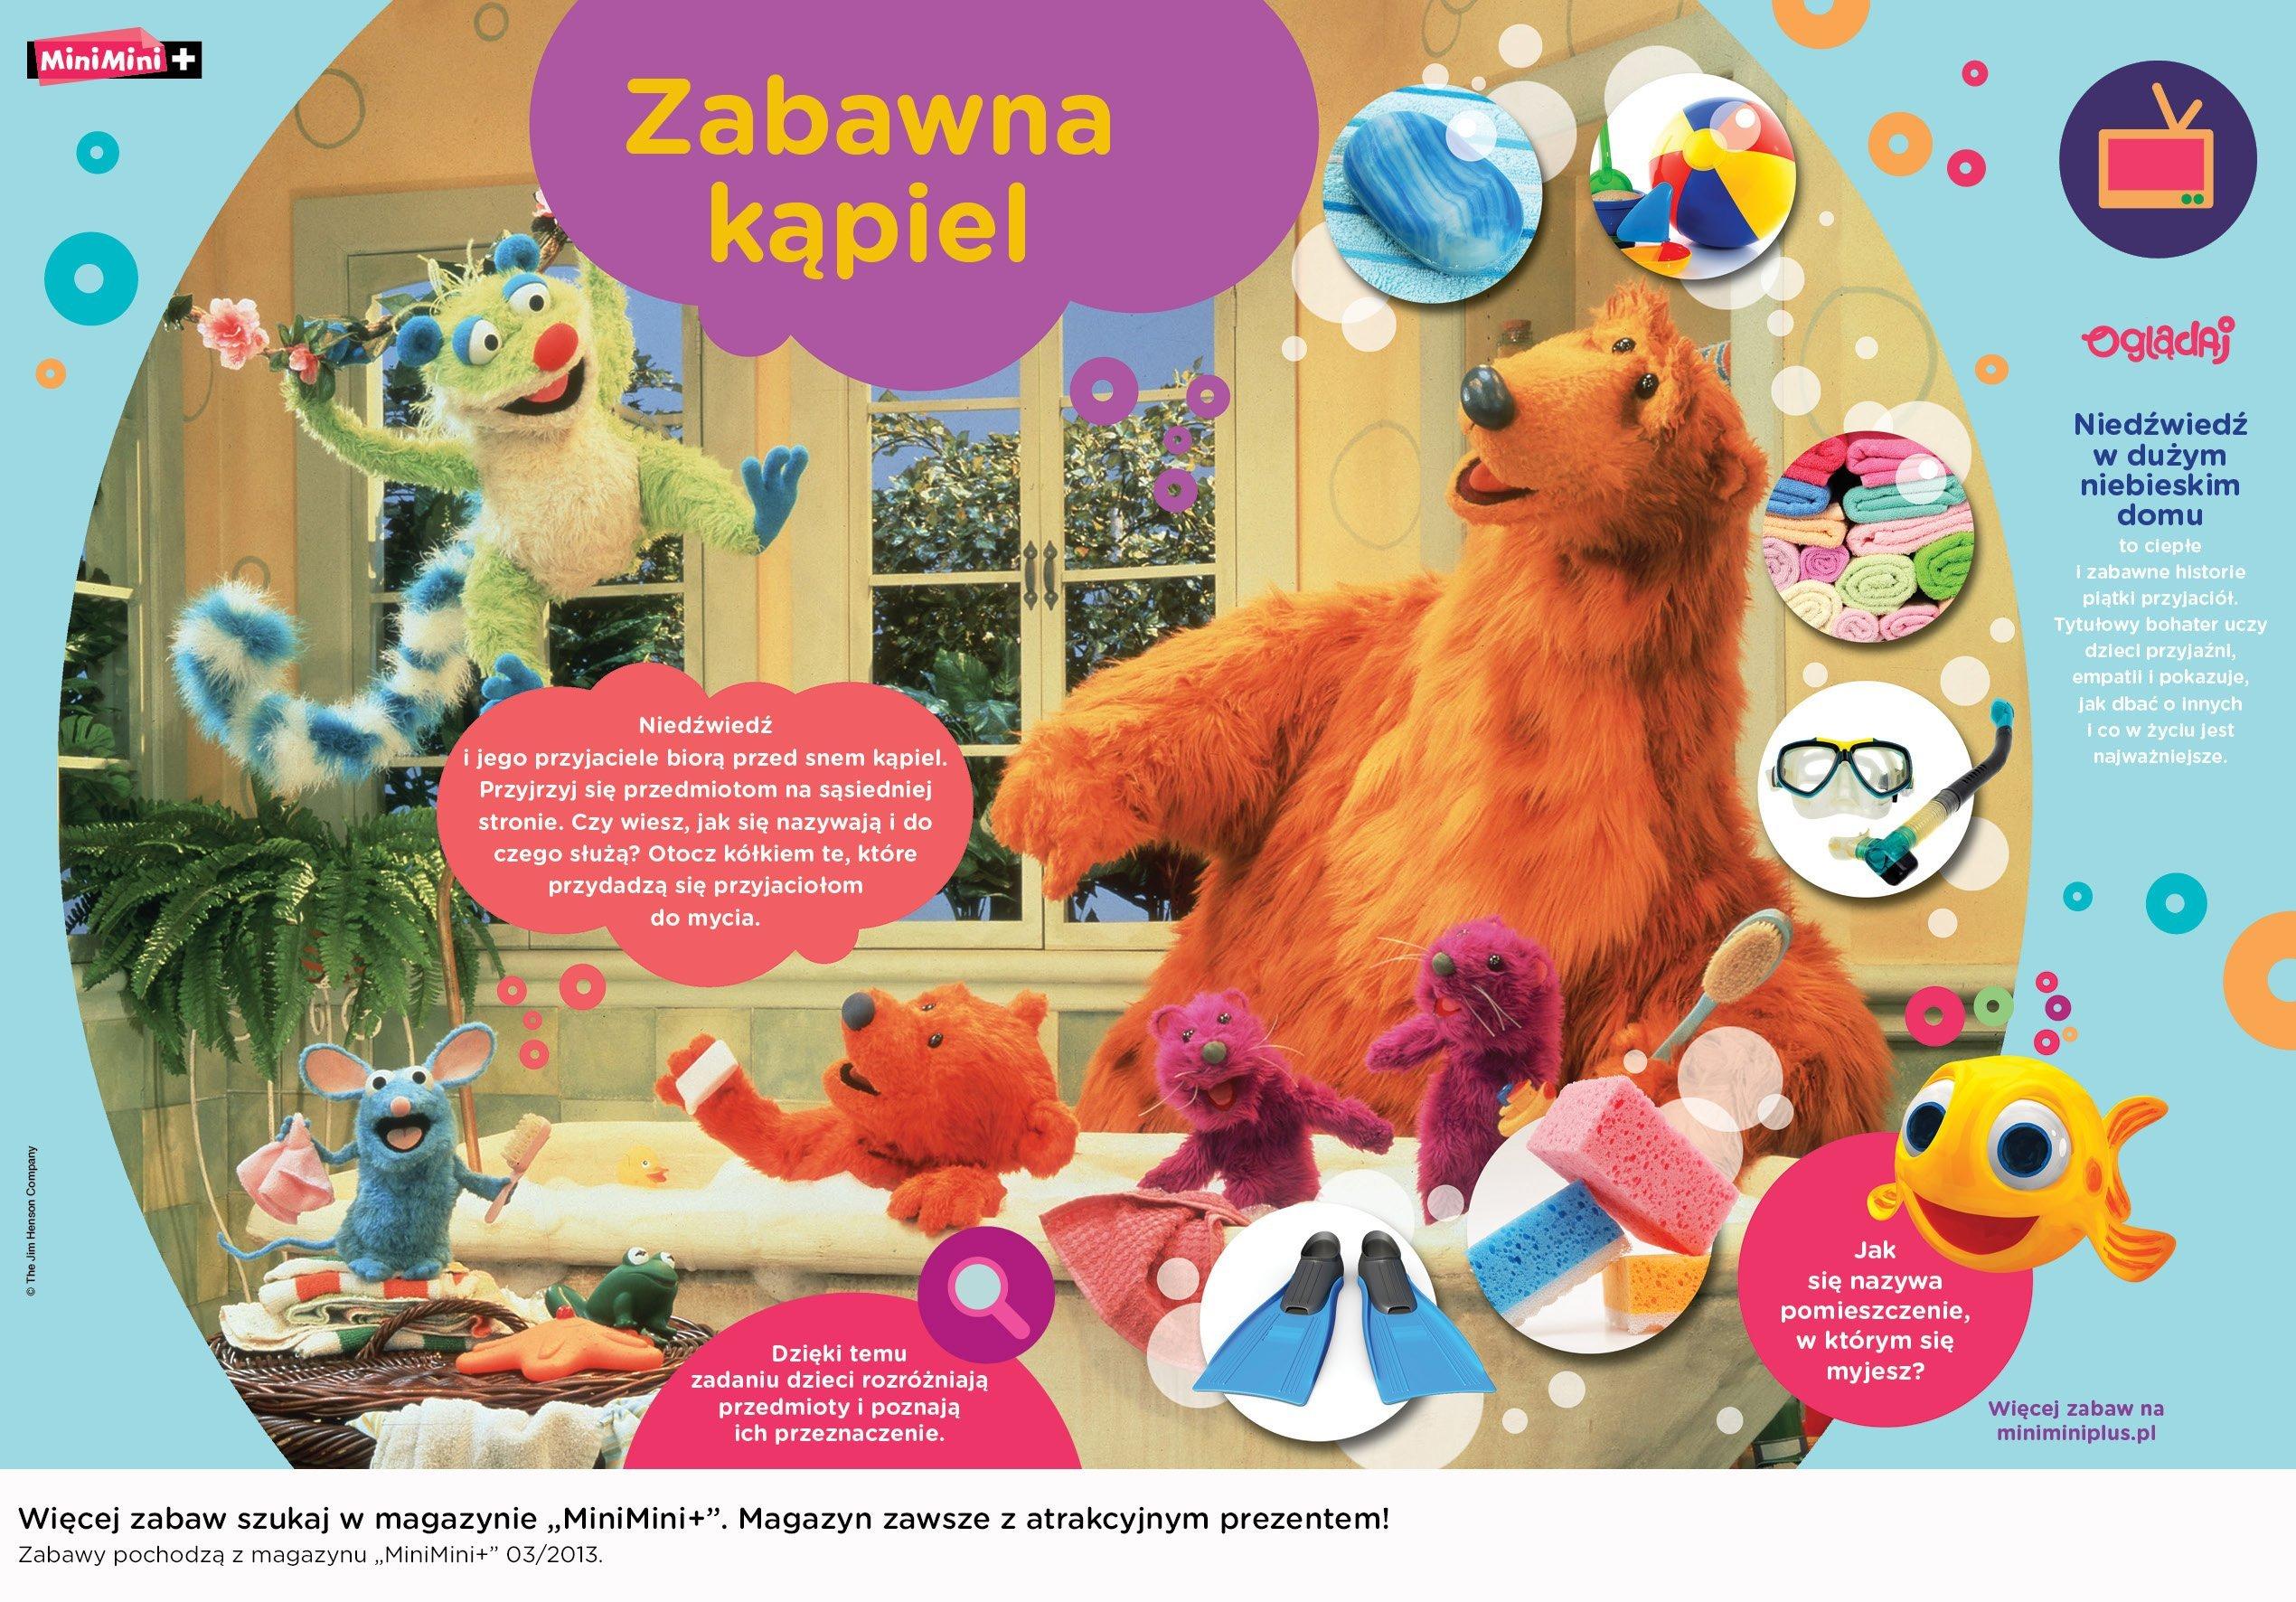 Niedźwiedź w dużym niebieskim domu zabawna kąpiel zabawa do druku dla dzieci